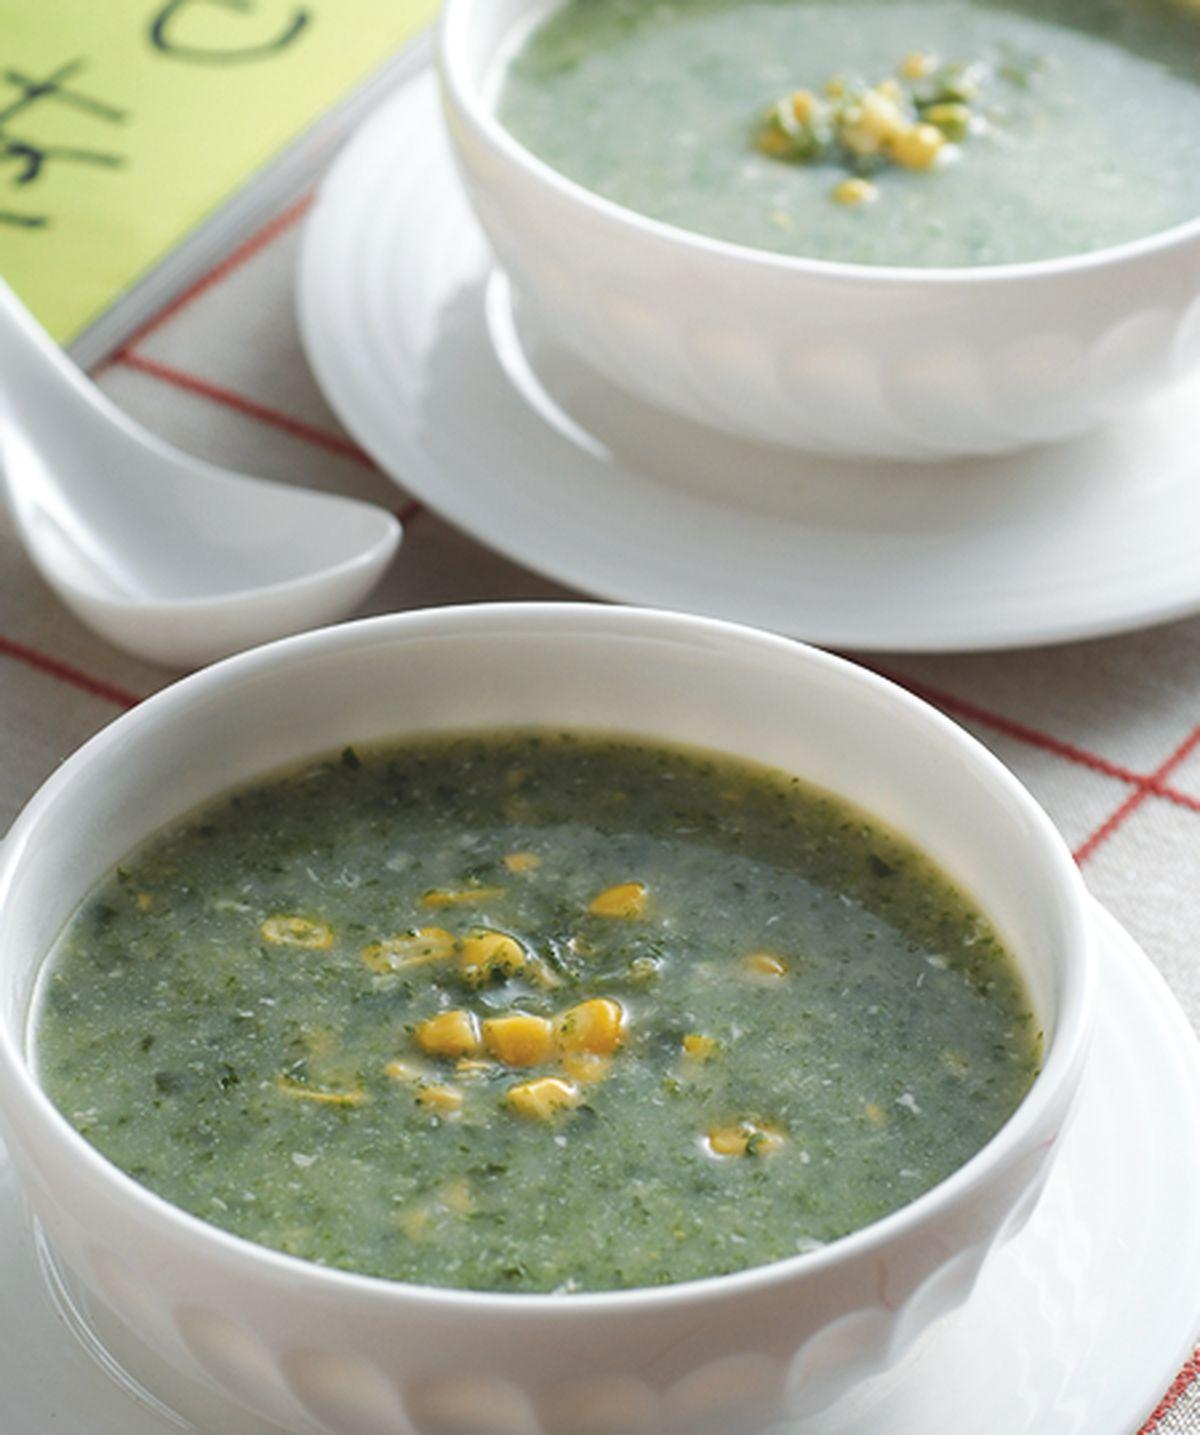 食譜:玉米翠綠濃湯